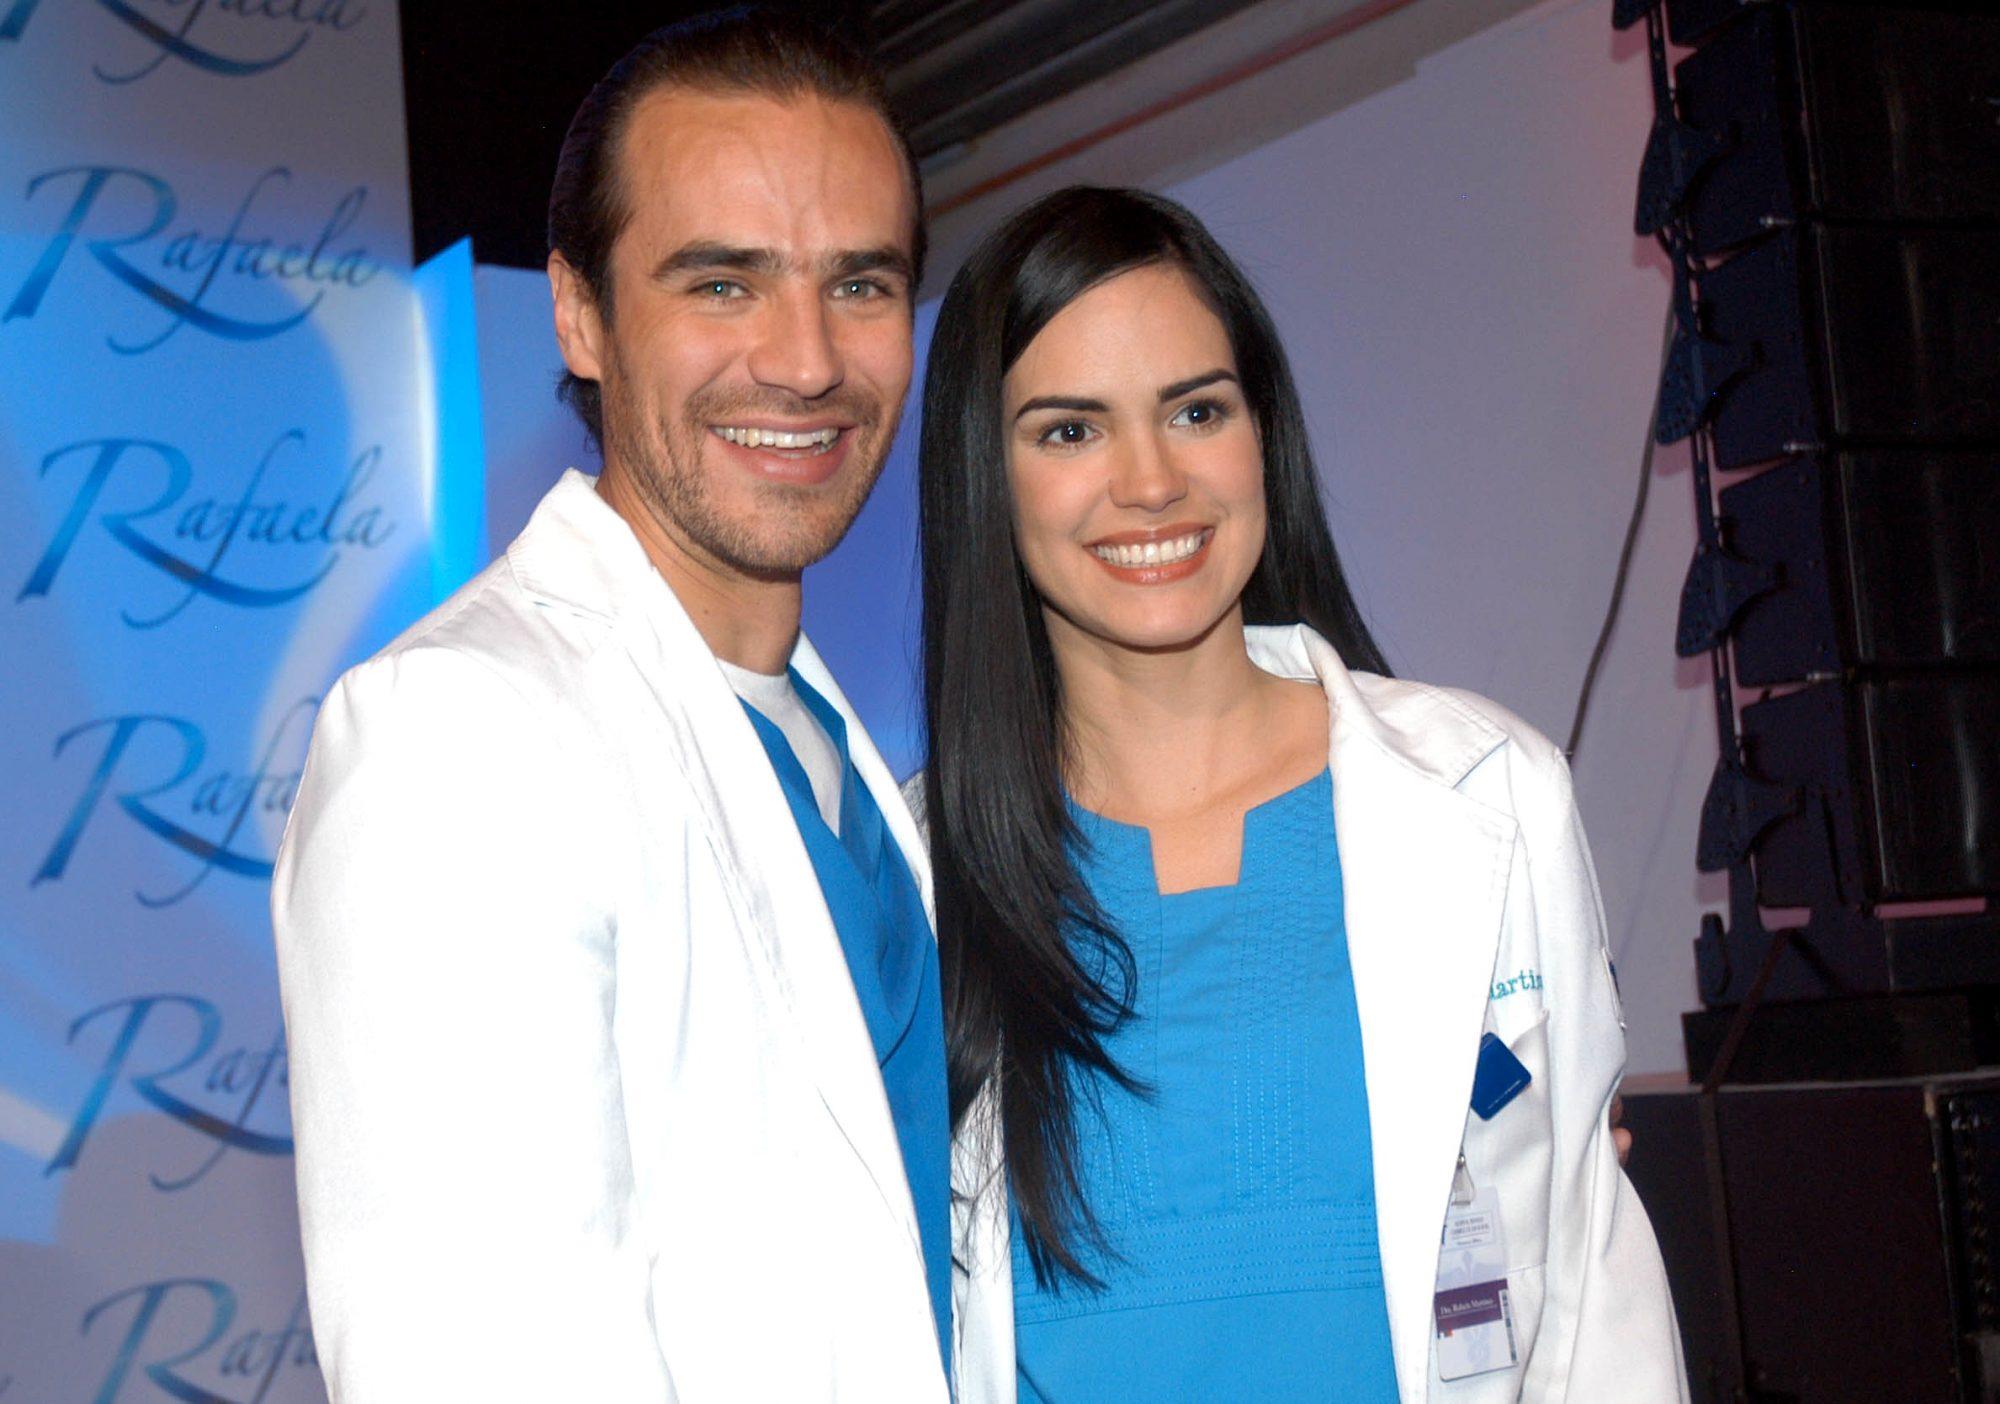 Scarlet Ortiz y Jorge Poza, protagonistas de Rafaela